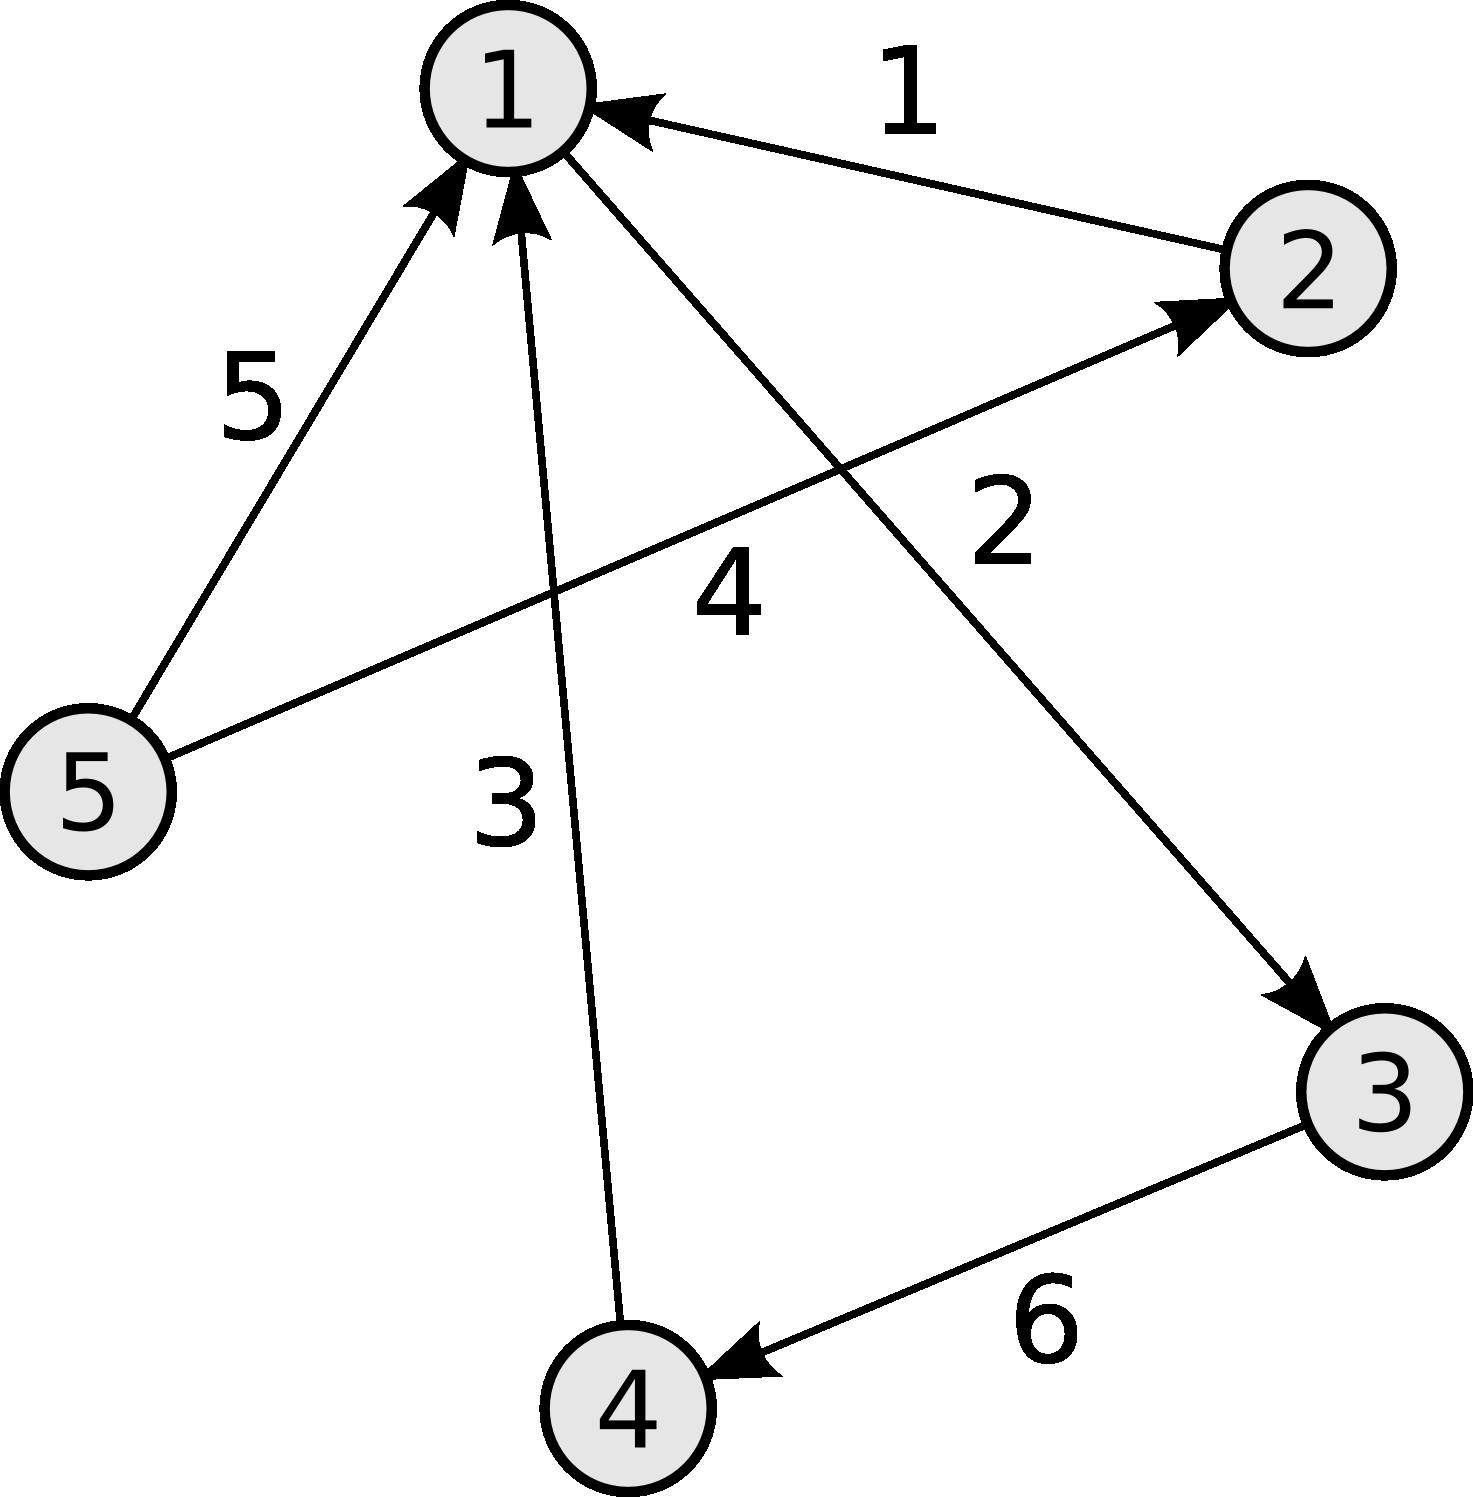 продаже найти маршрут из матрицы узлов с само собой